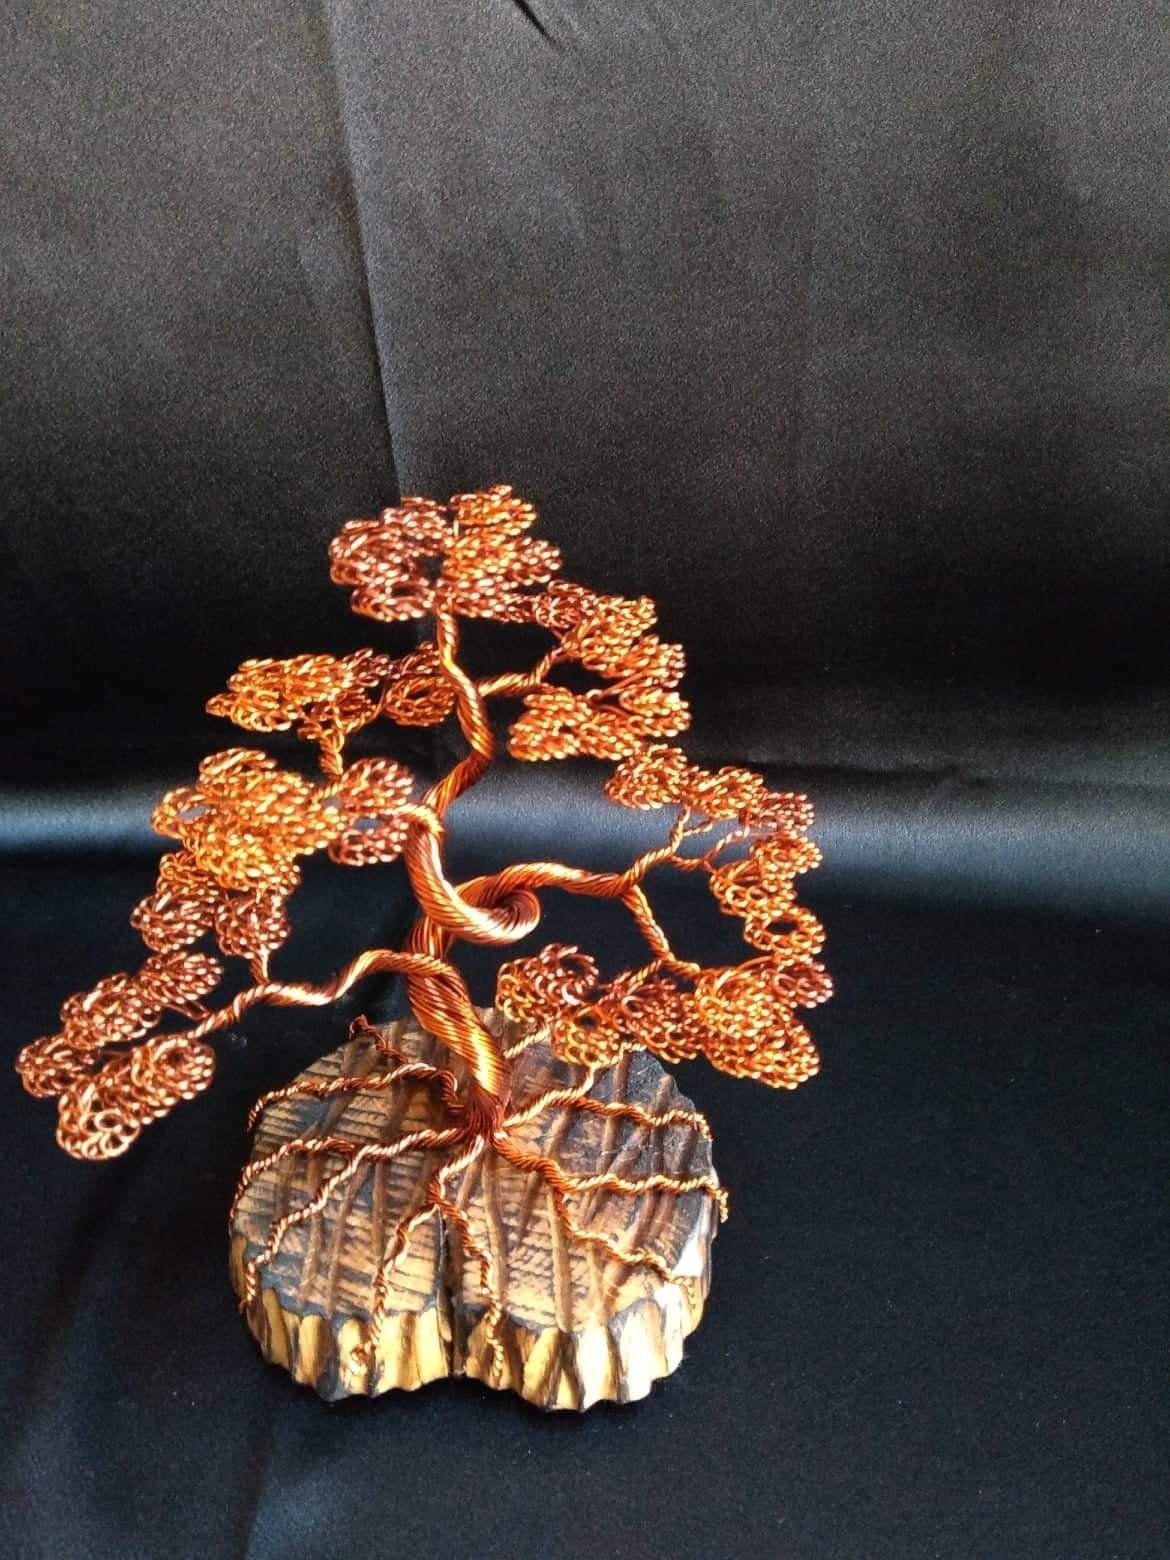 Bonsai wire tree sculpture copper wire tree home decor